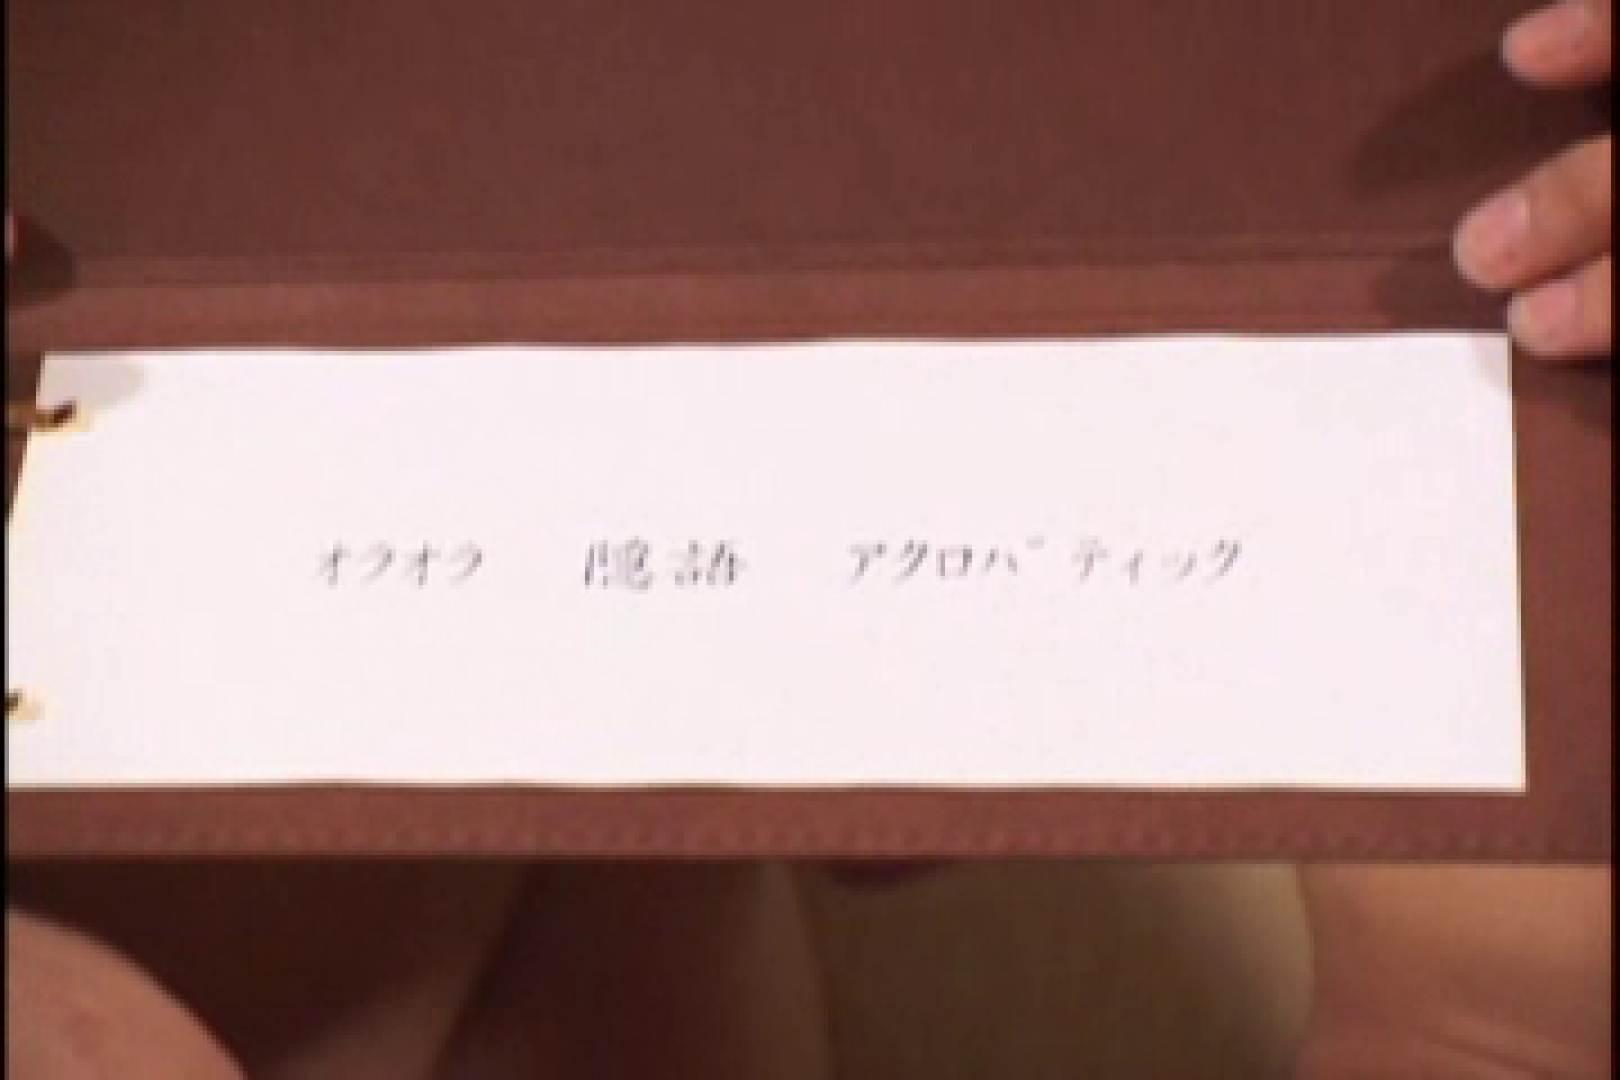 イケメンズEYE!男目線の本番vol.04 スポーツ系な男たち ゲイアダルトビデオ画像 50連発 21